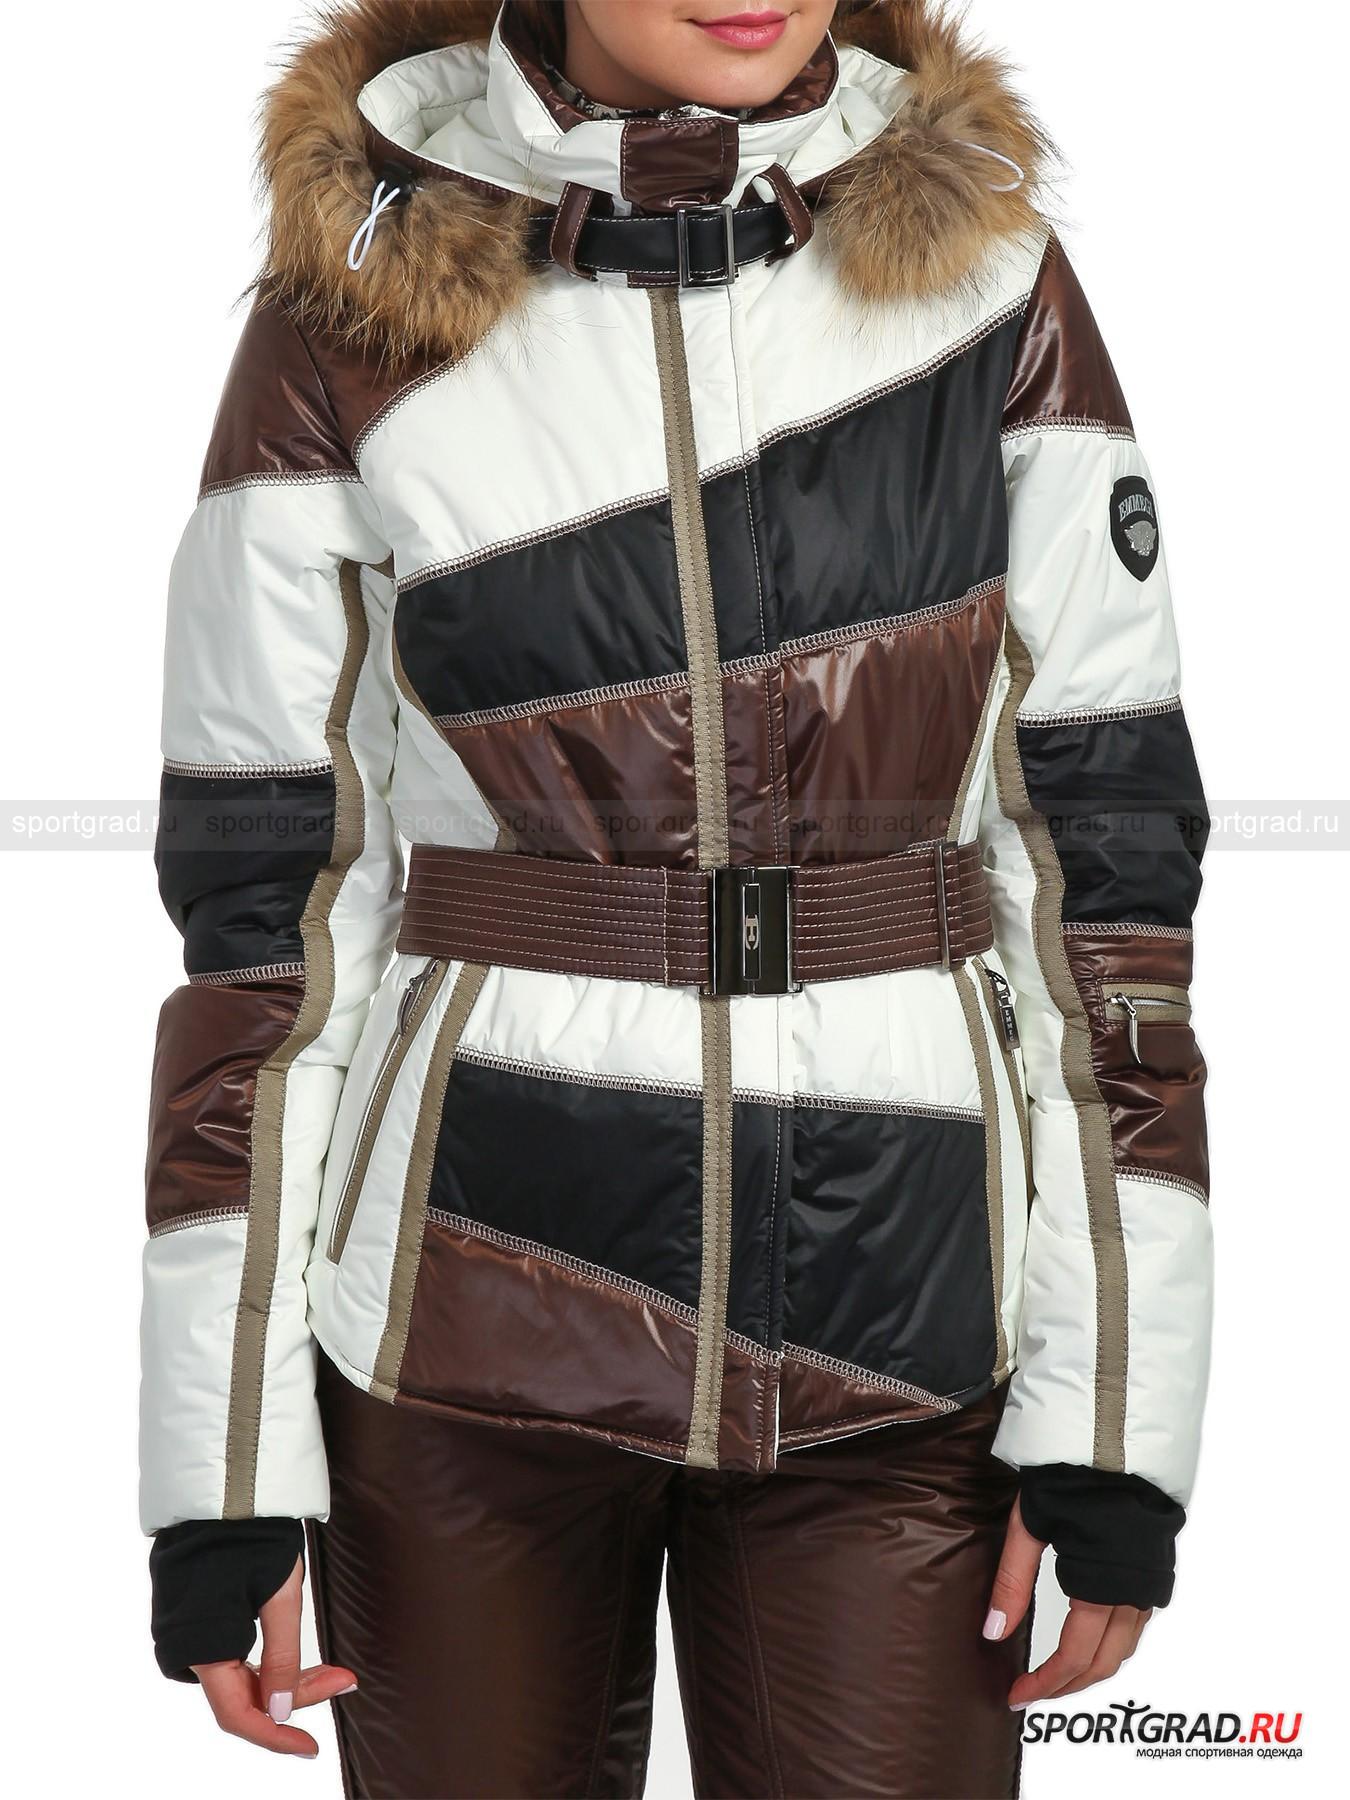 Куртка горнолыжная женская с мехом SUNP EMMEGIКуртки<br>Оригинальный горнолыжный дизайн итальянского бренда EMMEGI с каждым годом покоряет всё больше поклонниц. Их одежда выглядит изысканно и со вкусом, а использование собственных разработок делают её уникальной. Ткань COMFOREX от компании HANIL защитит Вас от холода, делая куртку непромокаемой и непродуваемой, долго сохраняя свой первоначальный вид. Данная модель не только имеет изысканный внешний вид и утончённый приталенный крой, но и сделает Ваши любимые занятия ещё более приятными.<br><br>Куртка имеет:<br>- выразительный дизайн;<br>- съёмный регулируемый капюшон с отстёгивающейся отделкой из натурального меха енота и специальной застёжкой;<br>- сложный приталенный крой;<br>- «леопардовую» внутреннюю отделку;<br>- рукава анатомической формы со вшитыми флисовыми манжетами, снабжёнными прорезью для большого пальца;<br>- надёжную двухзамковую молнию с двухсторонней защитой от продувания и соприкосновения с кожей;<br>- 4 кармана, включая 1 внутренний и 1 нарукавный на молнии;<br>- съёмный пояс с массивной магнитной застёжкой;<br>- фирменную фурнитуру с символикой EMMEGI;<br>- съёмную снегозащитную юбку на кнопках.<br><br>Пол: Женский<br>Возраст: Взрослый<br>Тип: Куртки<br>Рекомендации по уходу: Деликатная ручная стирка при 30 градусах, не отжимать, гладить при низкой температуре.<br>Состав: Верх: 36% нейлон, 24% полиэстер, 40% полиуретан; подкладка: 100% полиэстер; наполнитель: 100% полиэстер.